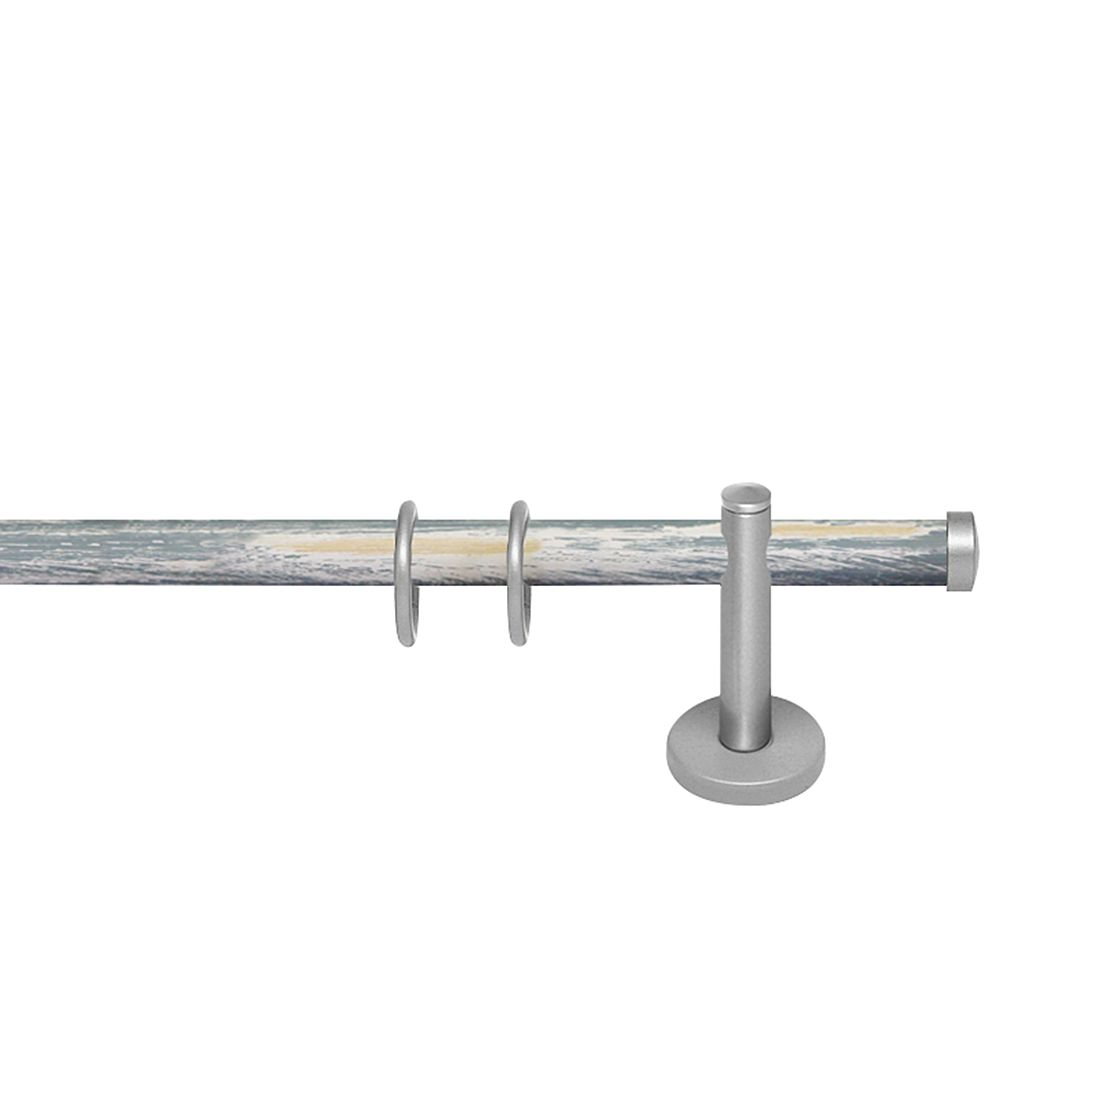 Gardinenstange Paolo (1-läufig) – 120 cm, indeko kaufen